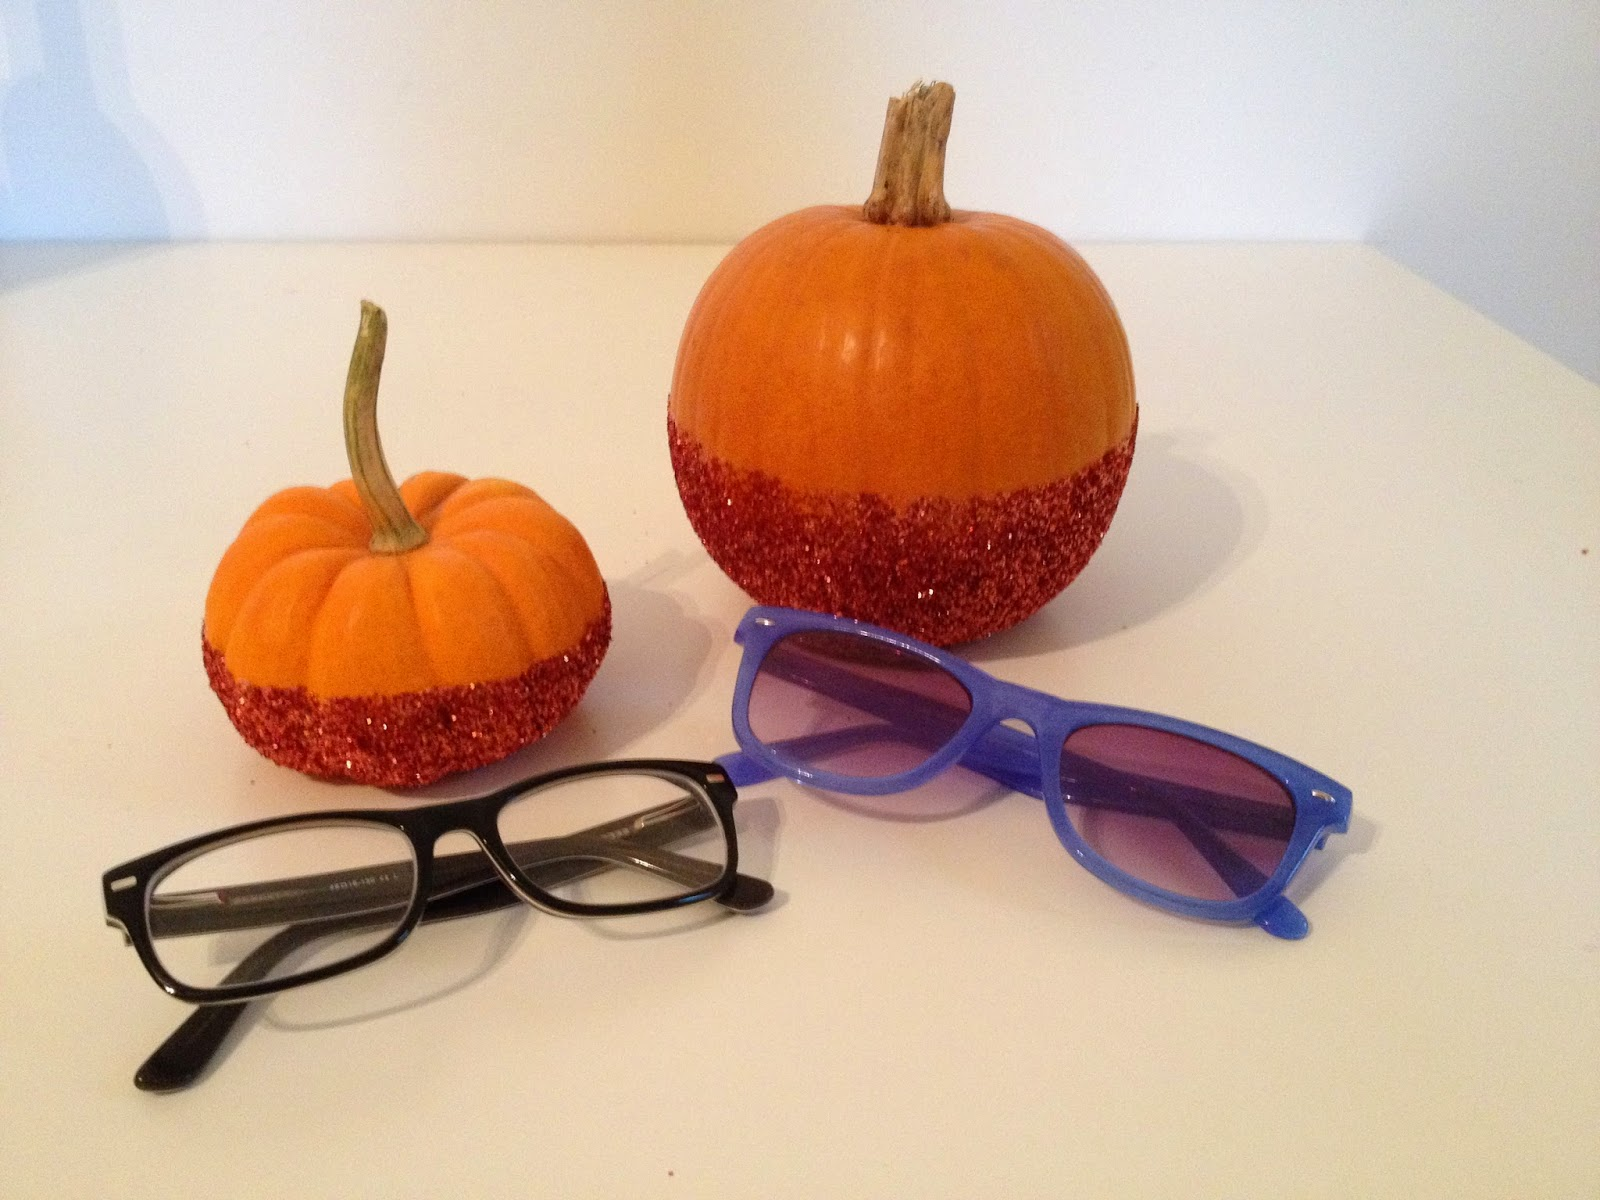 Prescription Glasses Online Specspost Review